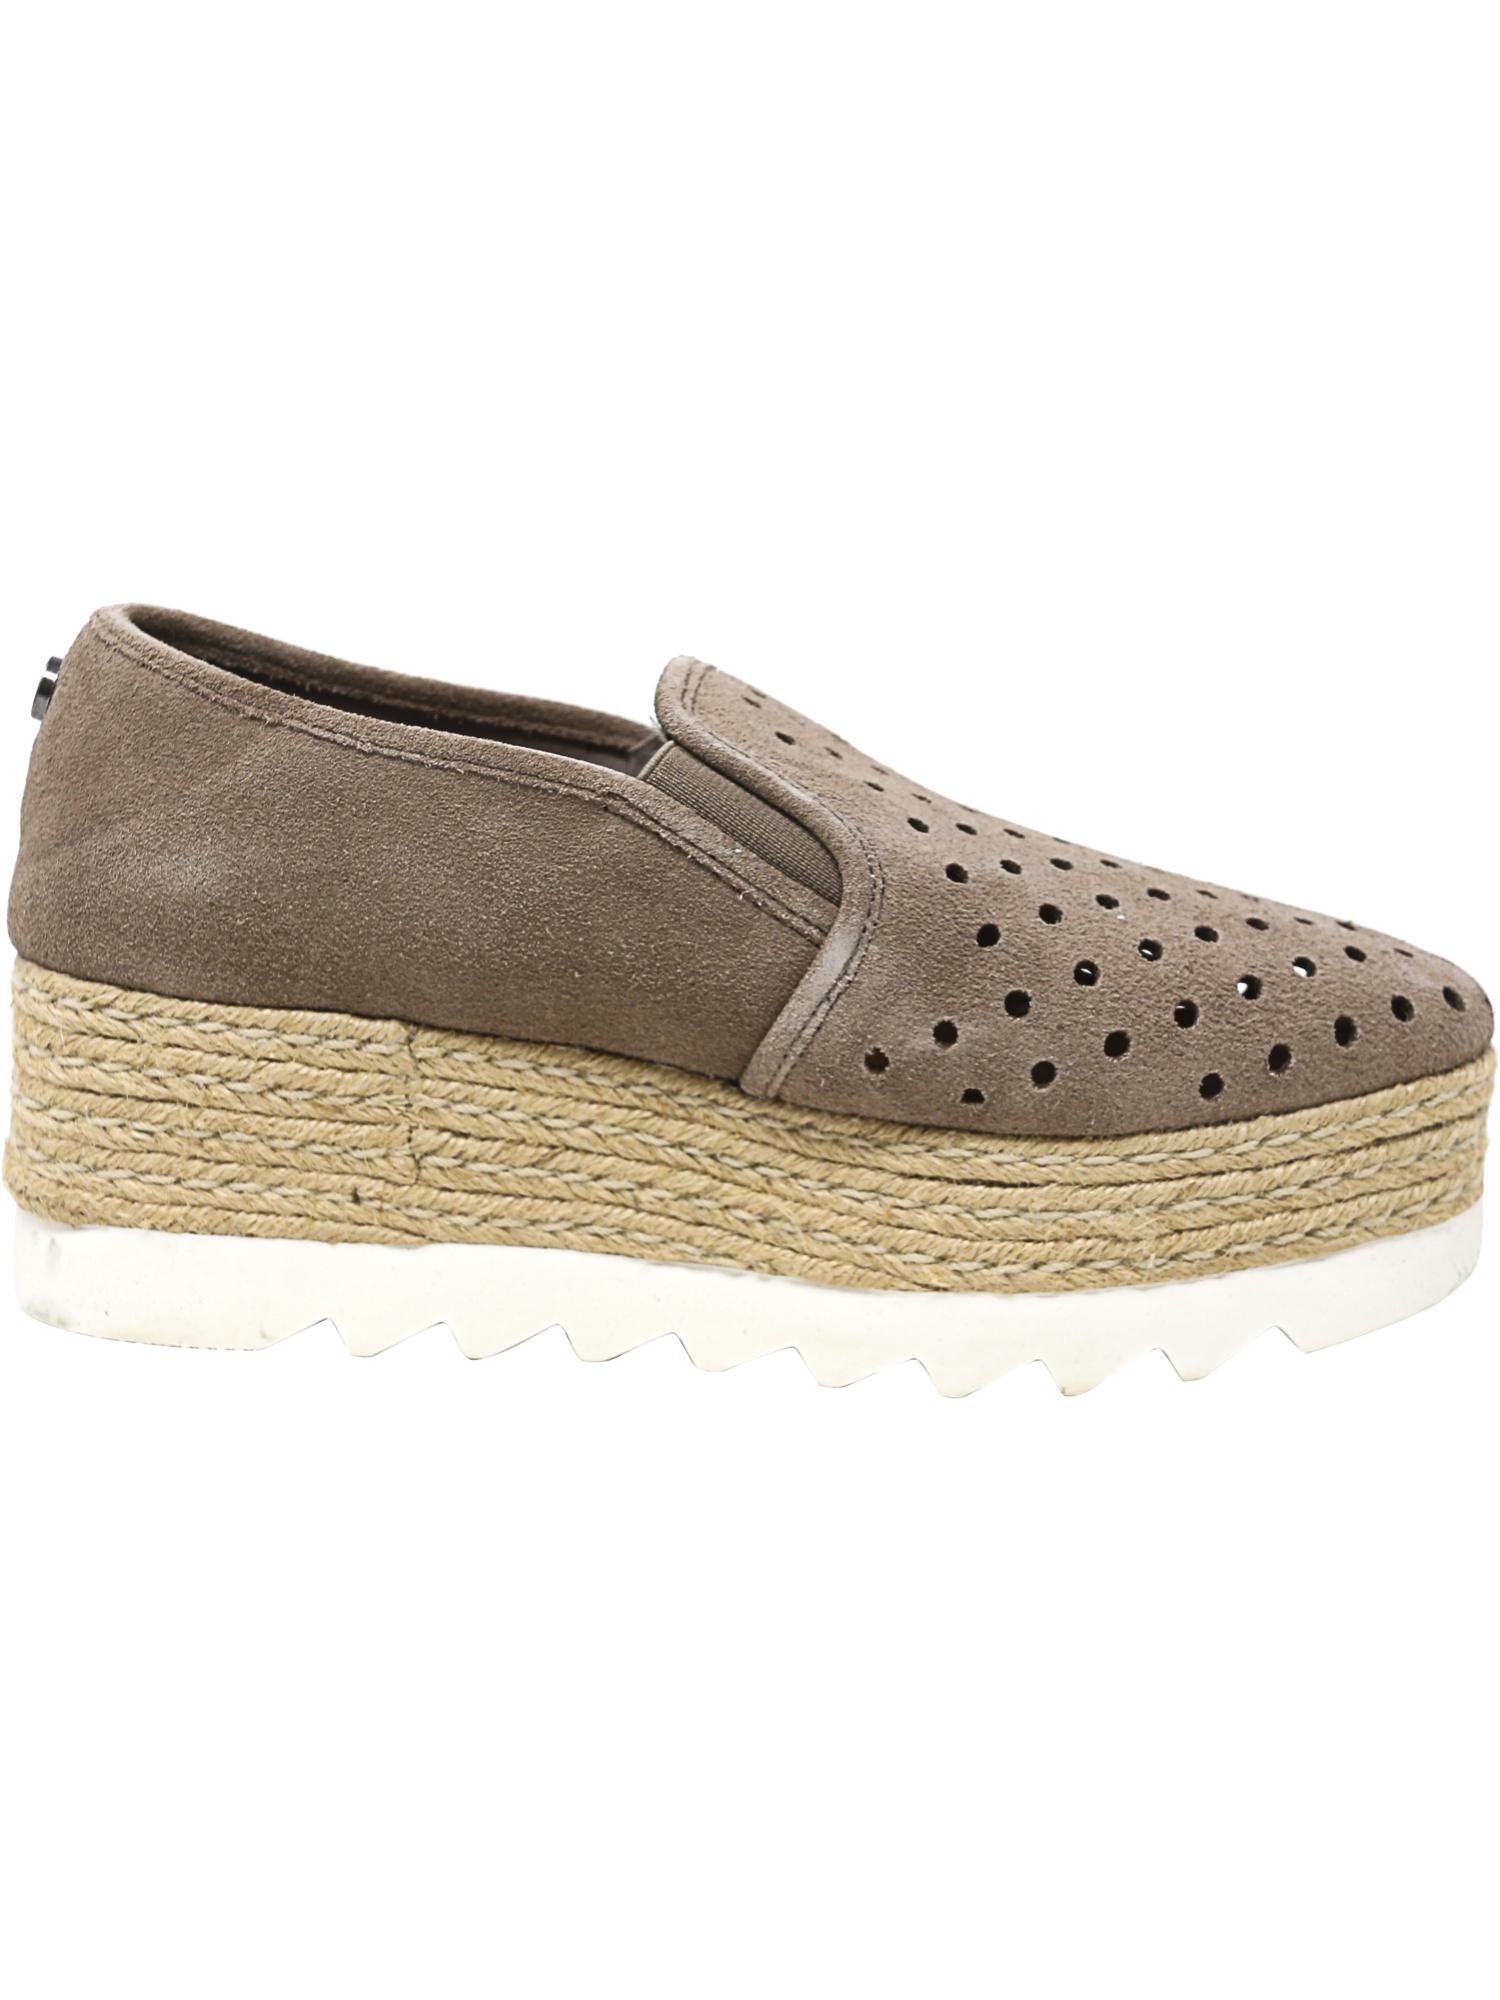 Steve-Madden-Women-039-s-Koreen-Suede-Slip-On-Shoes thumbnail 8